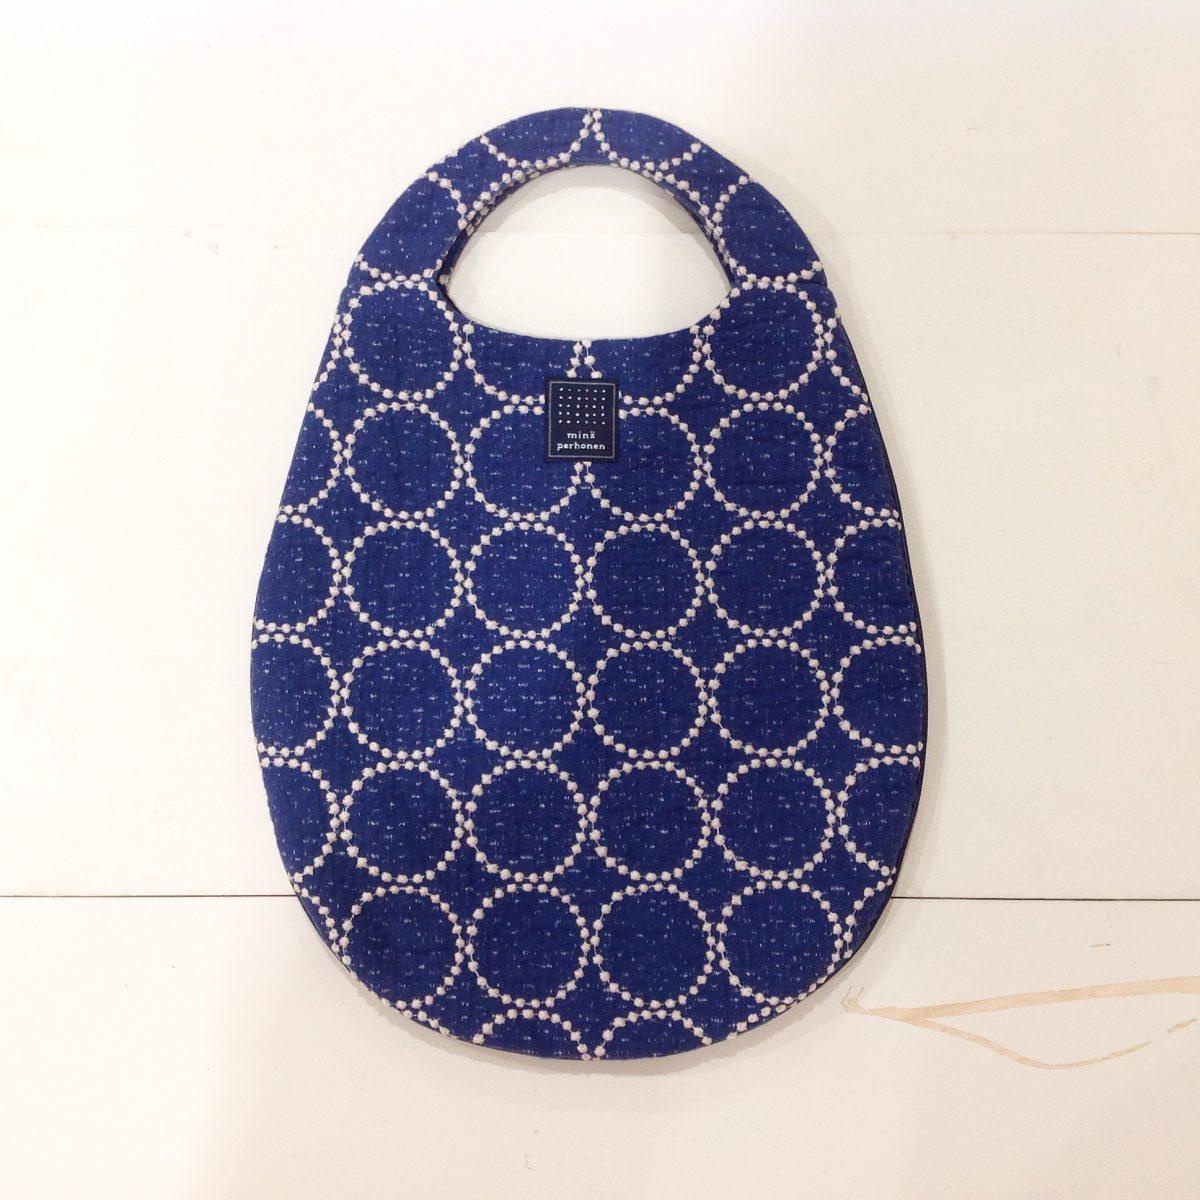 ミナペルホネンの人気テキスタイル「tambourine」のエッグバッグ